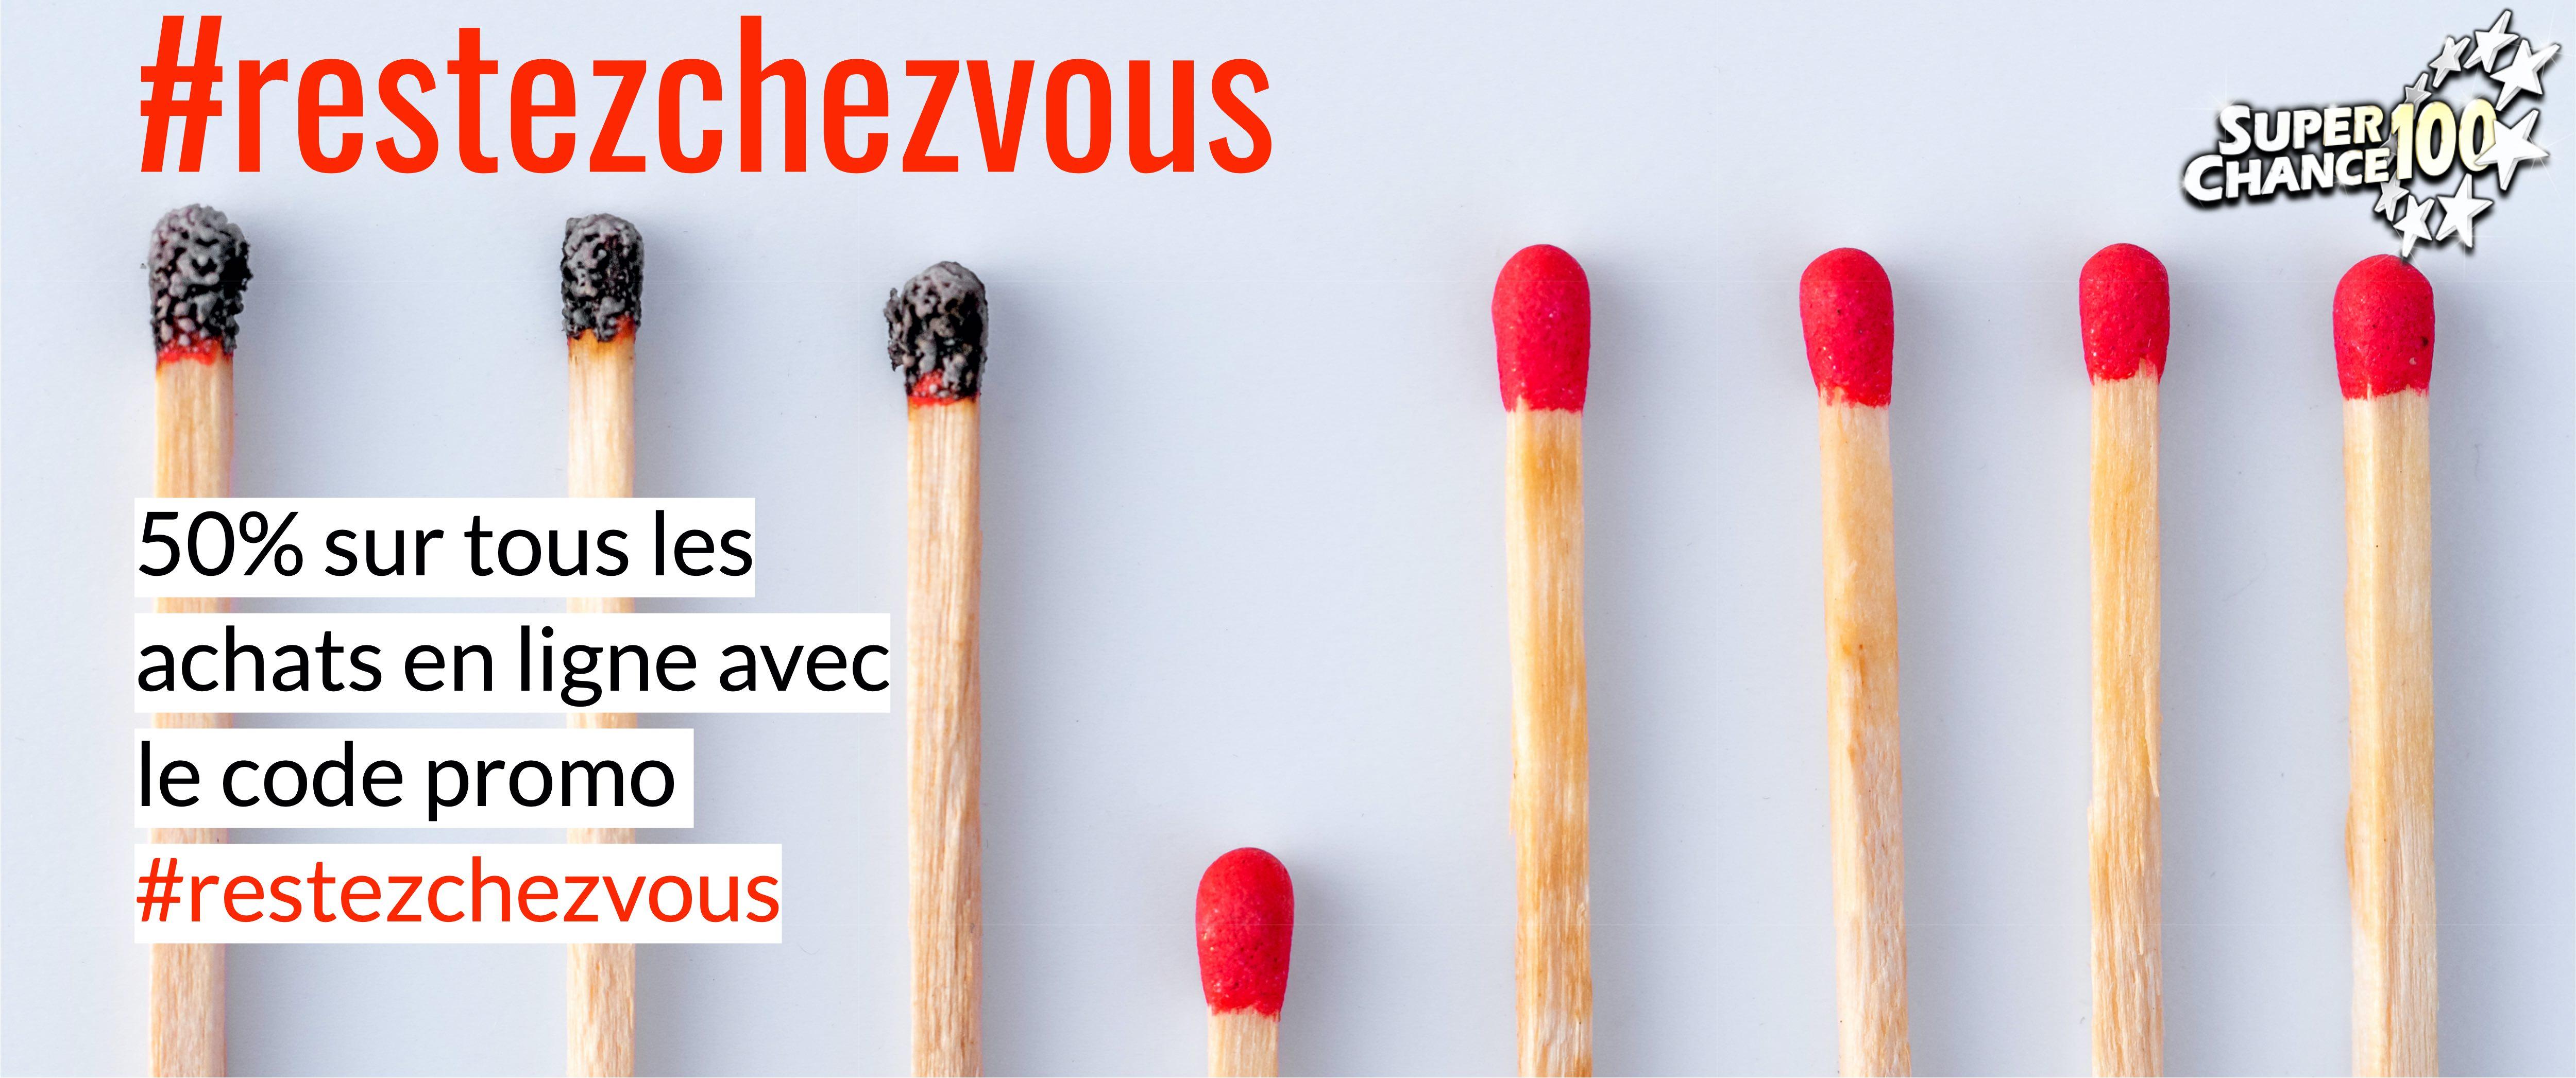 SC100restezchezvous-cover